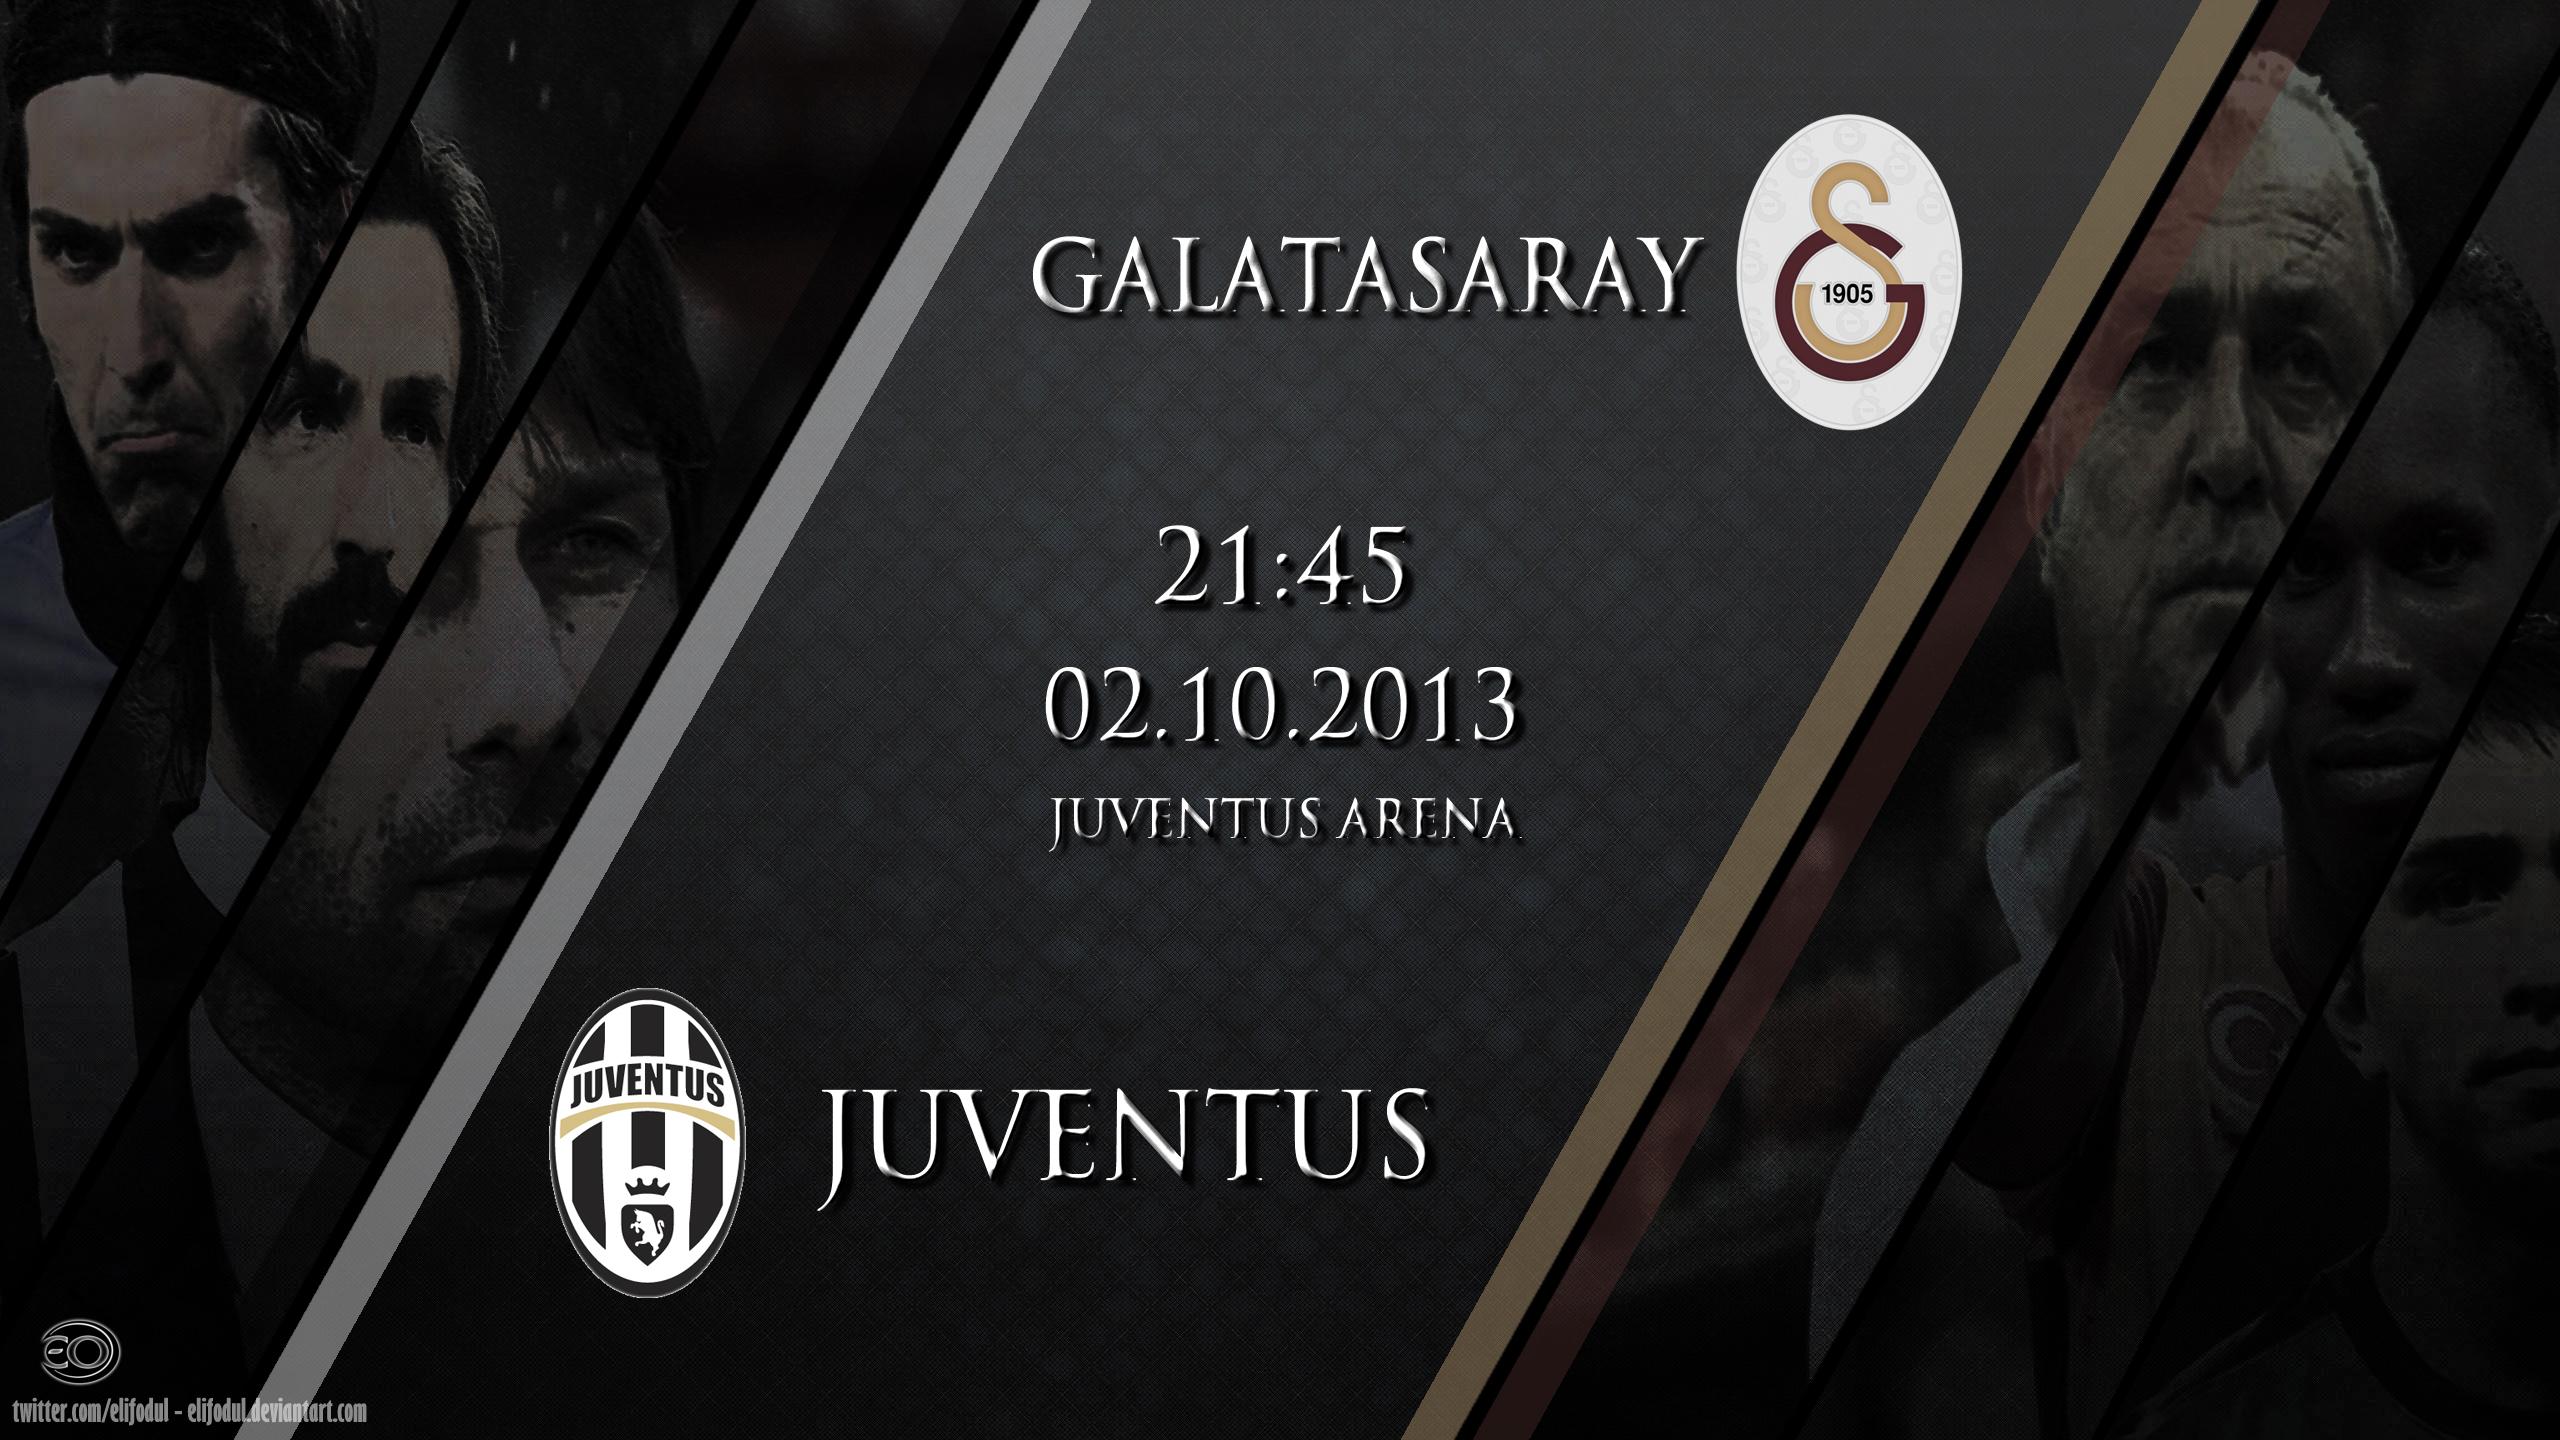 Juventus - Galatasaray CL Wallpaper by elifodul